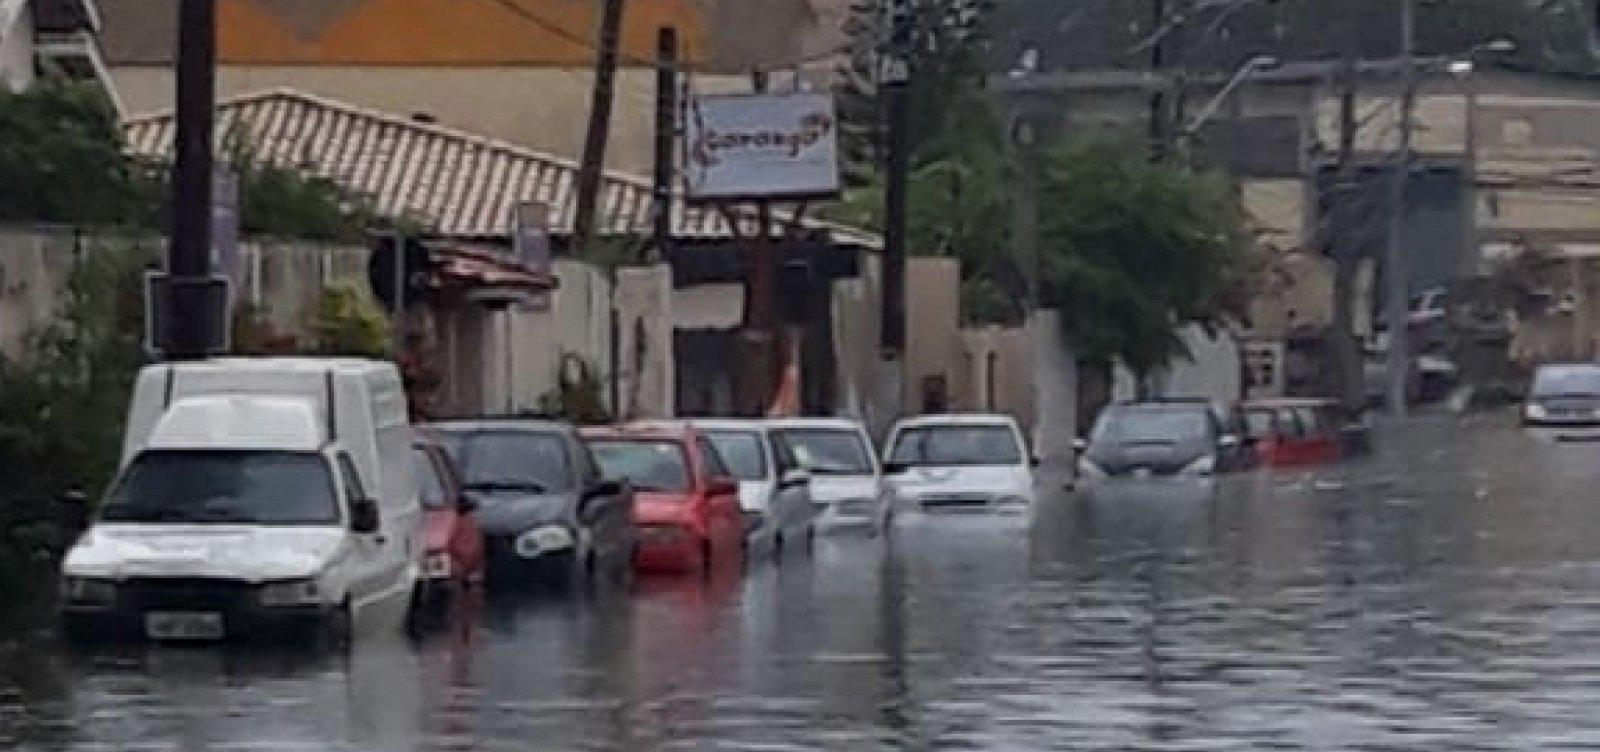 Defesa Civil recebe 50 solicitações devido à chuva